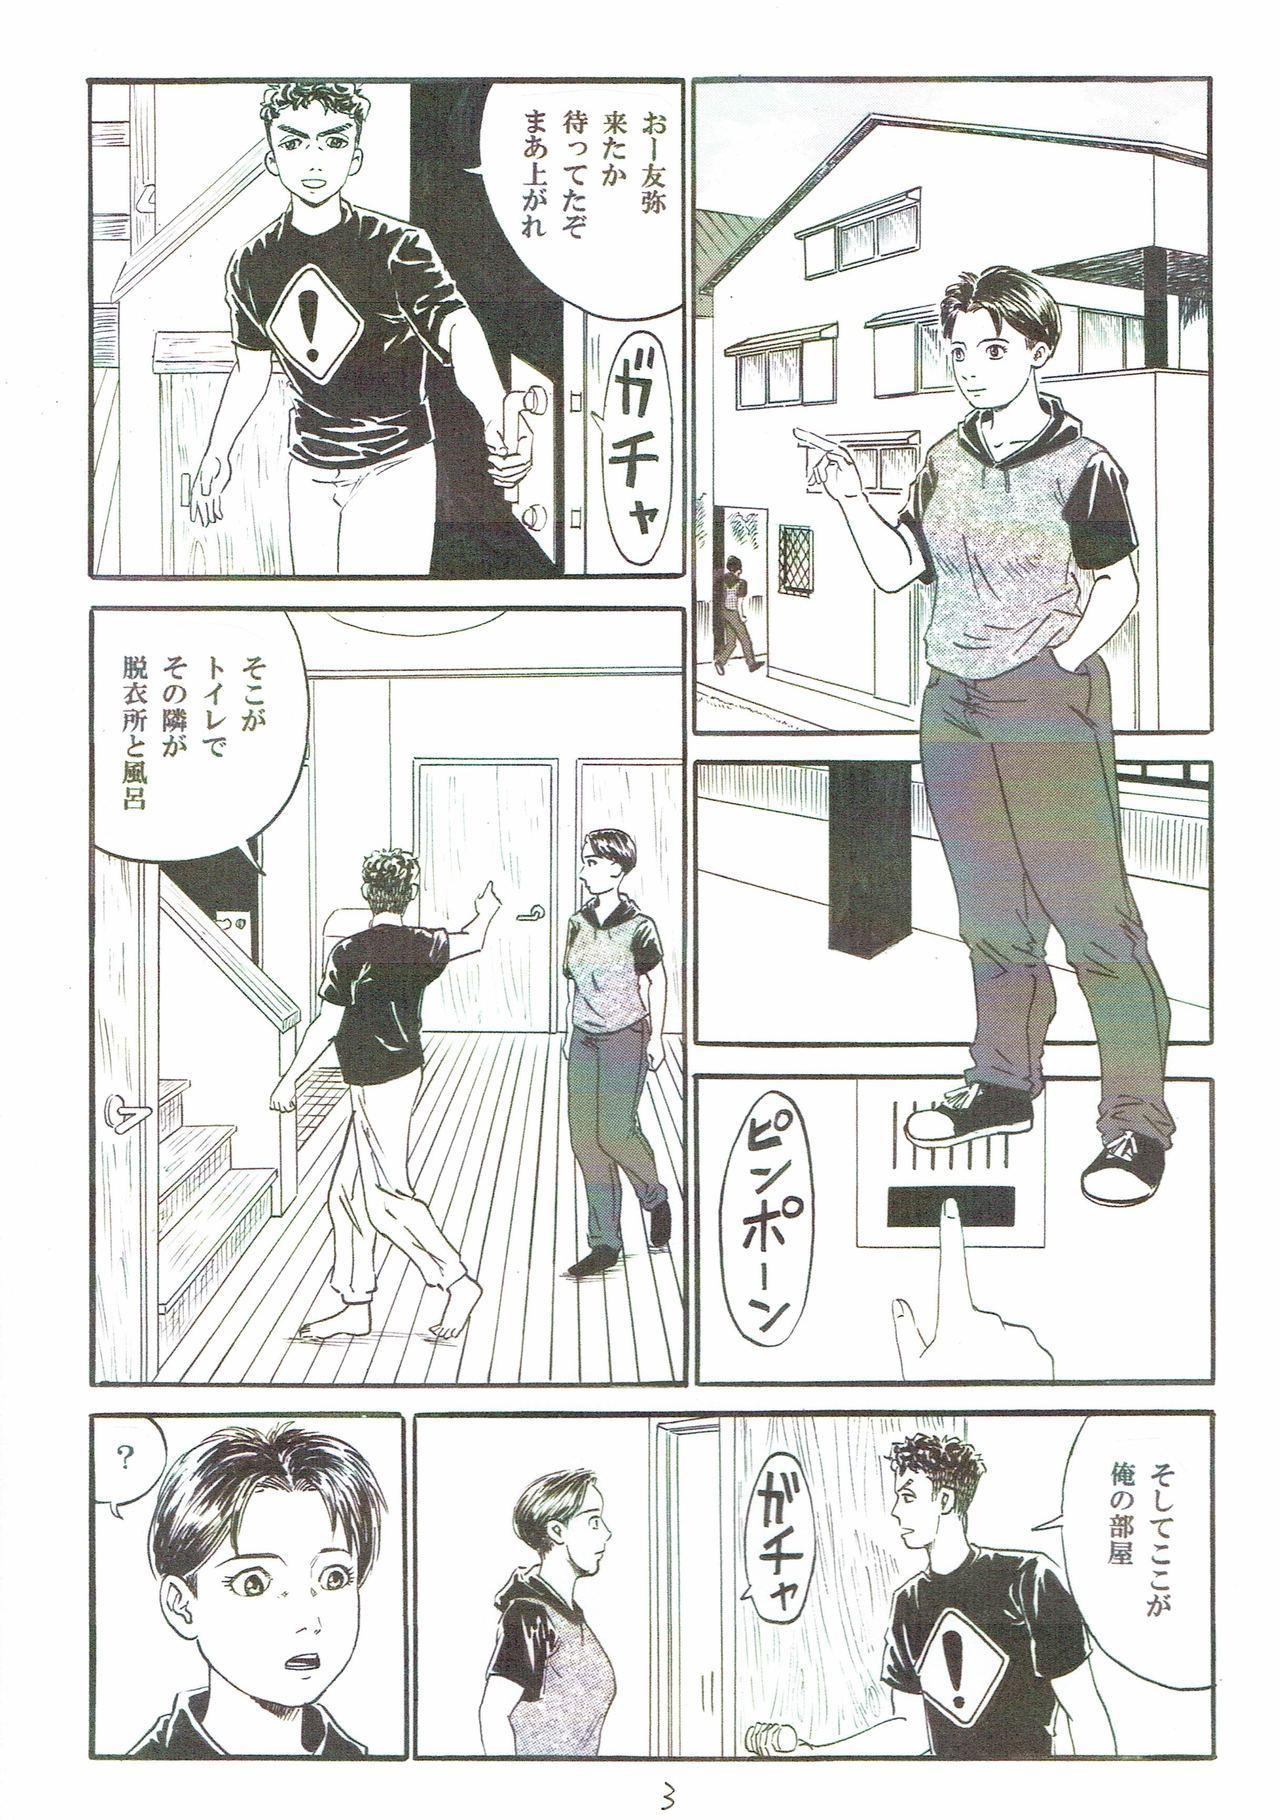 Atarashii Seikyouiku5 3